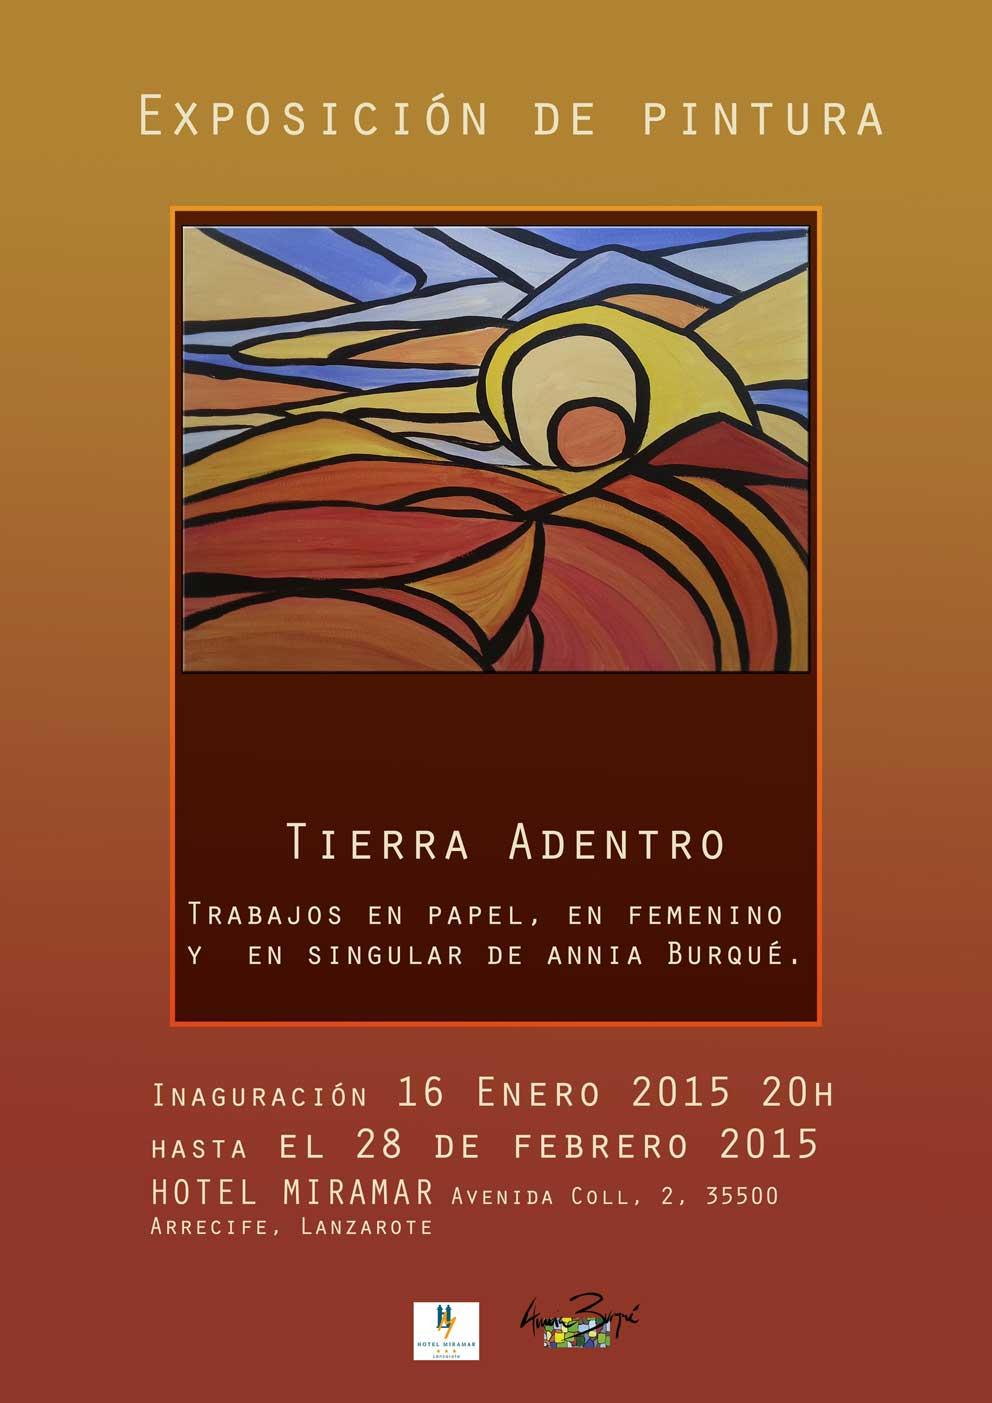 698d83aadddentro.jpg Exposición Tierra...